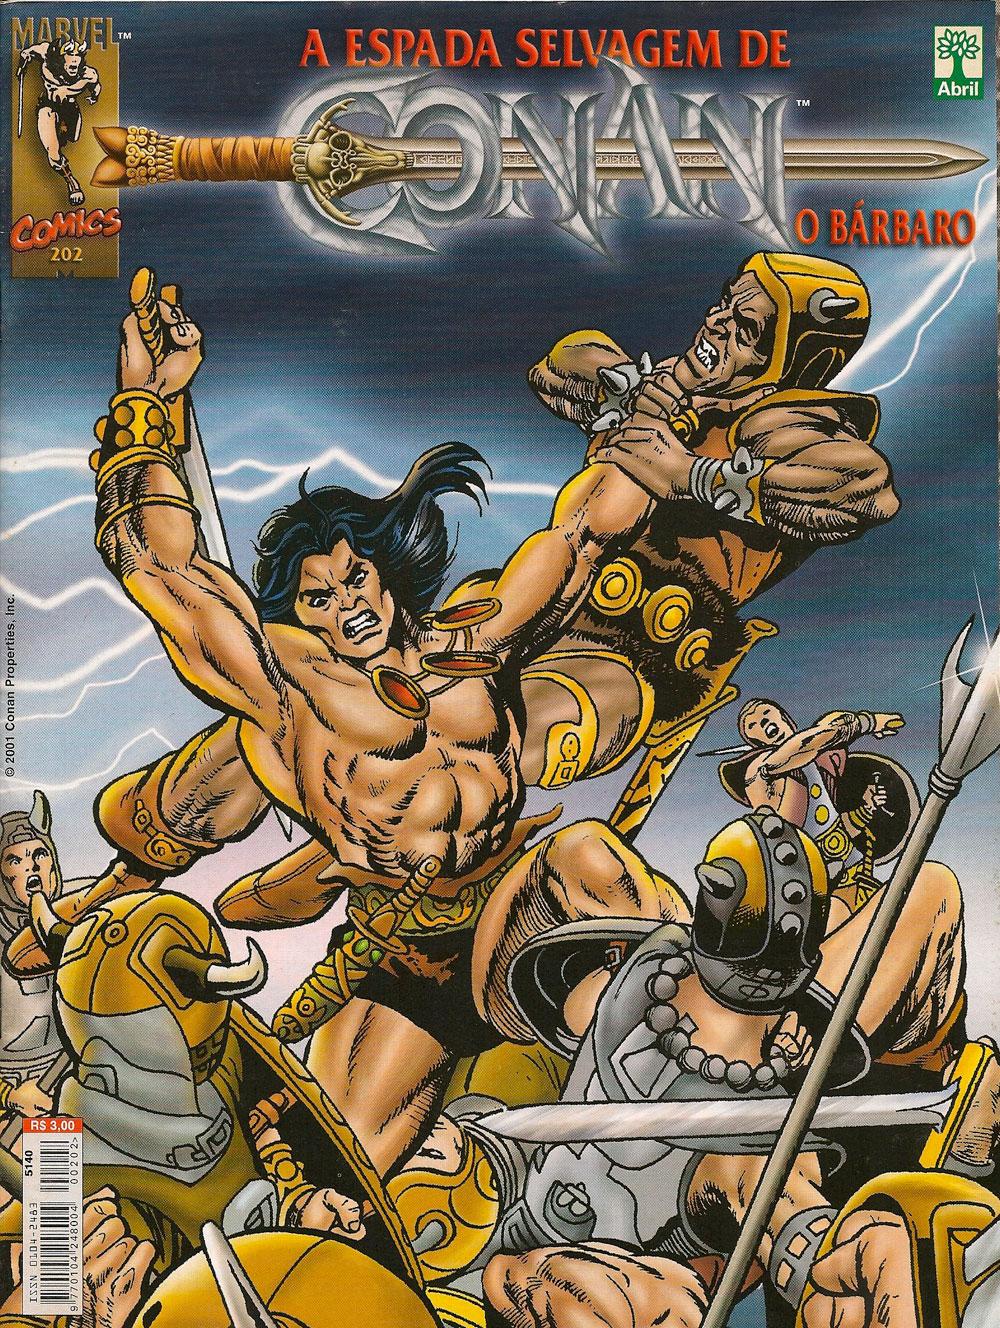 Capa: A Espada Selvagem de Conan 202